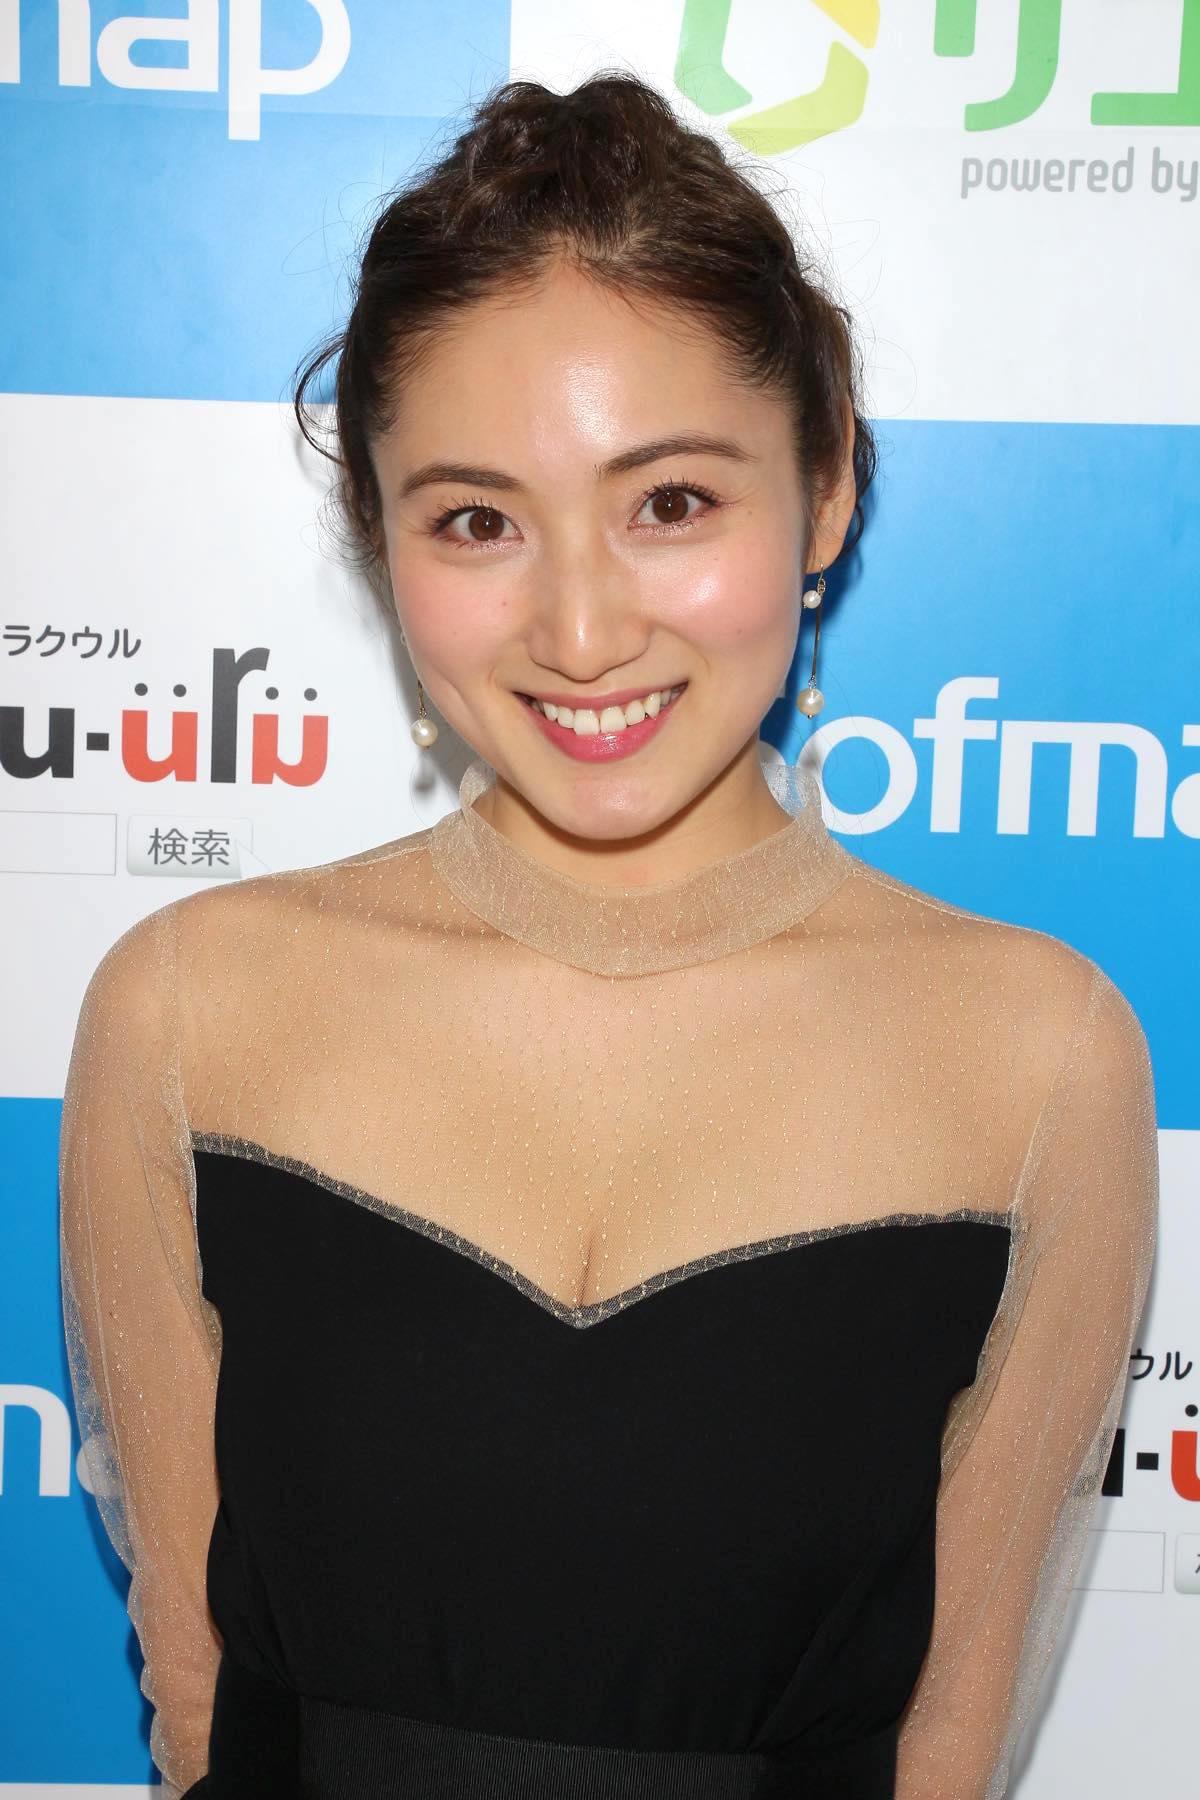 紗綾のグラビア水着ビキニ画像0010